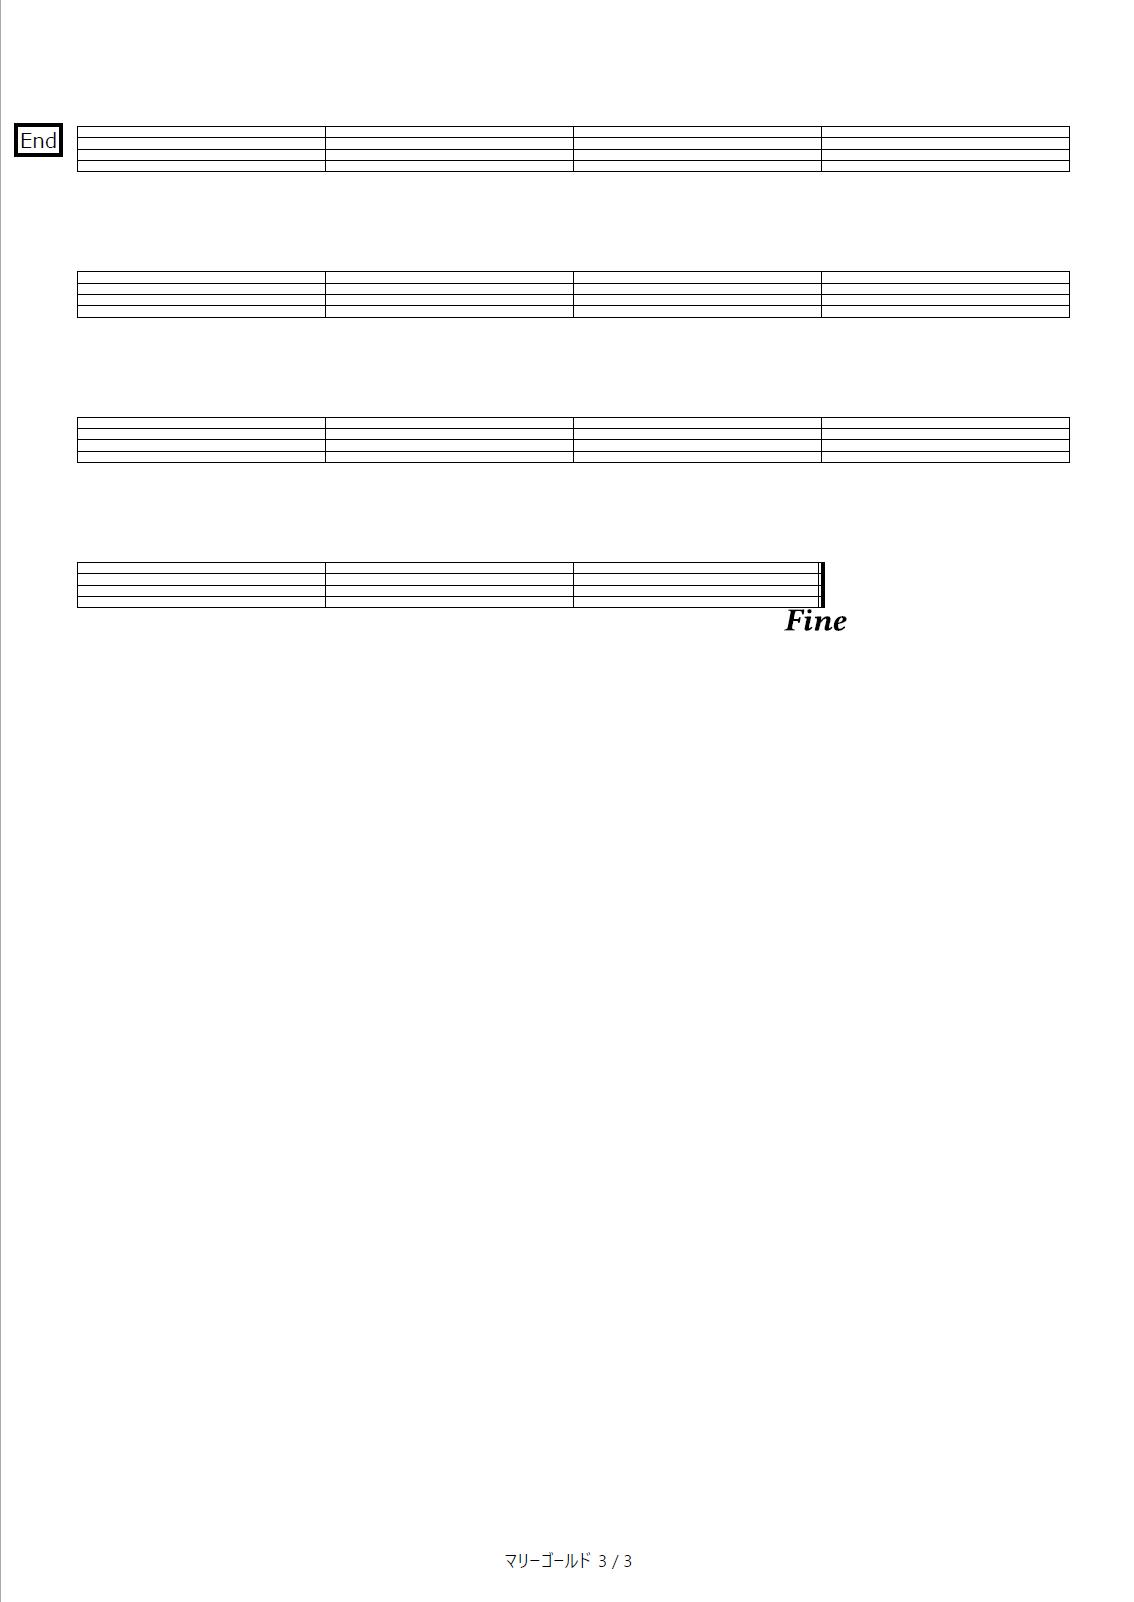 マリーゴールド楽譜7